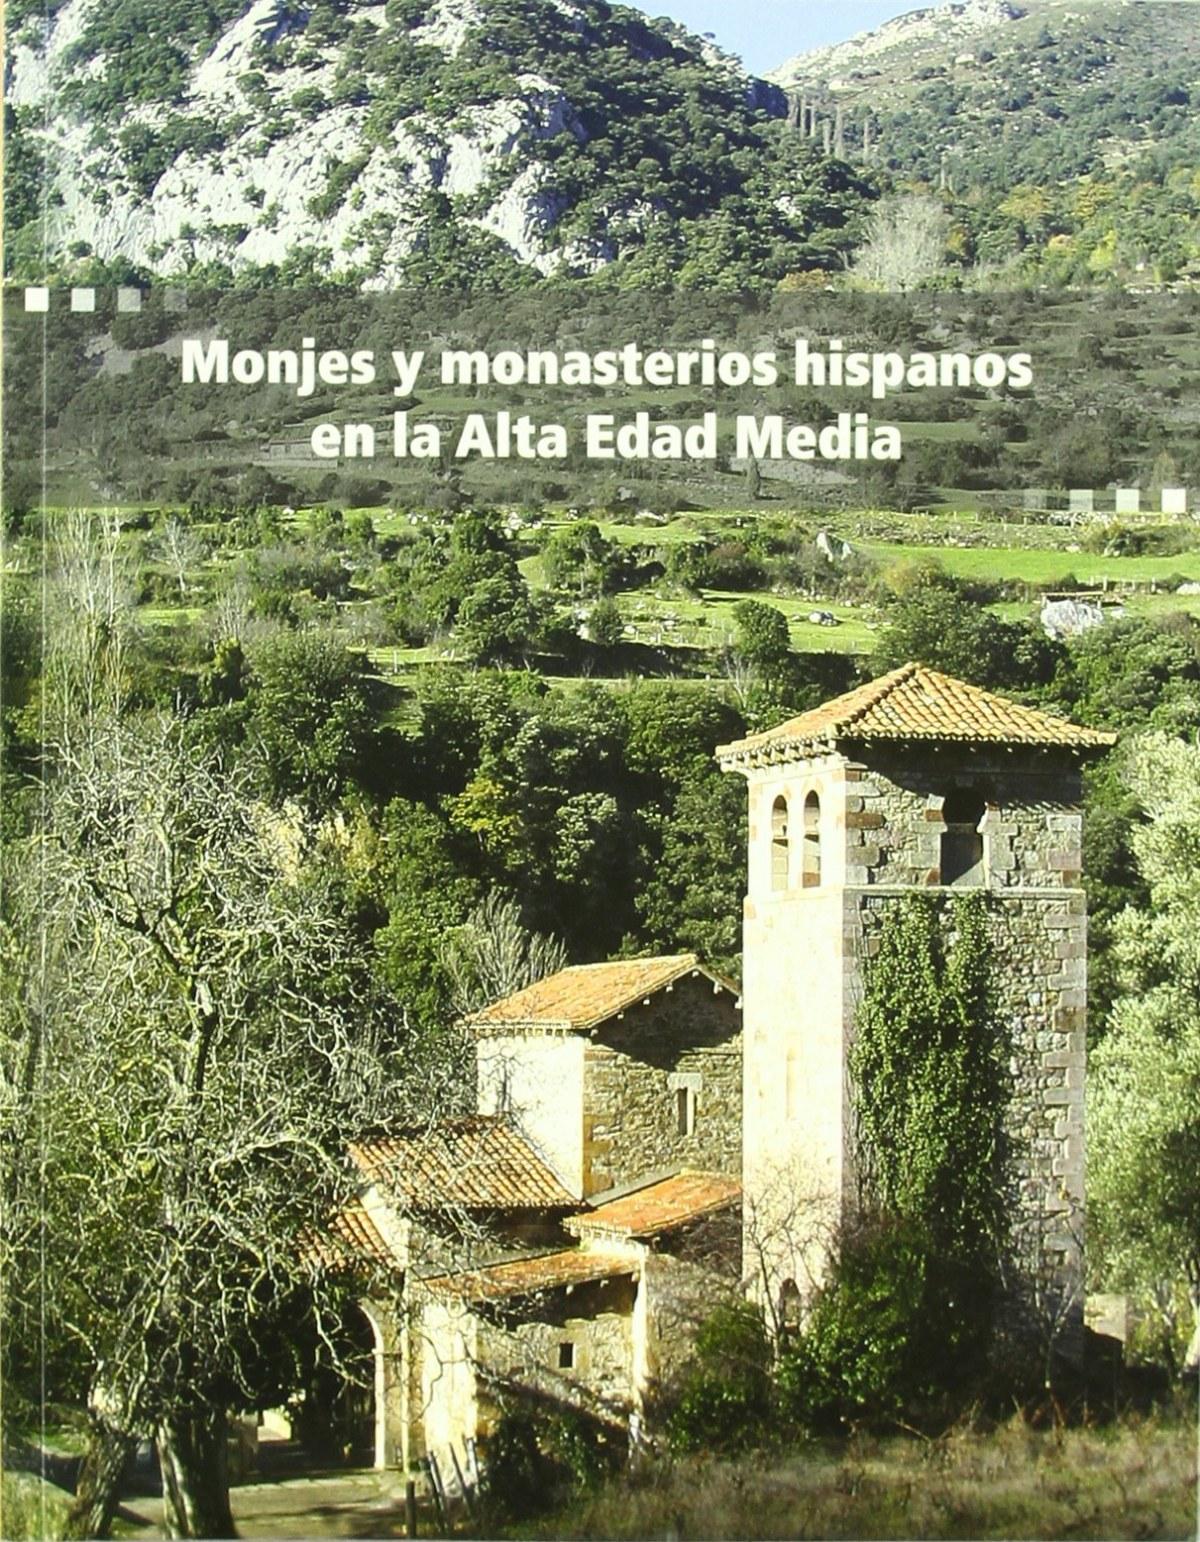 MONJES Y MONSATERIOS HISPANOS EN LA ALTA EDAD MEDIA